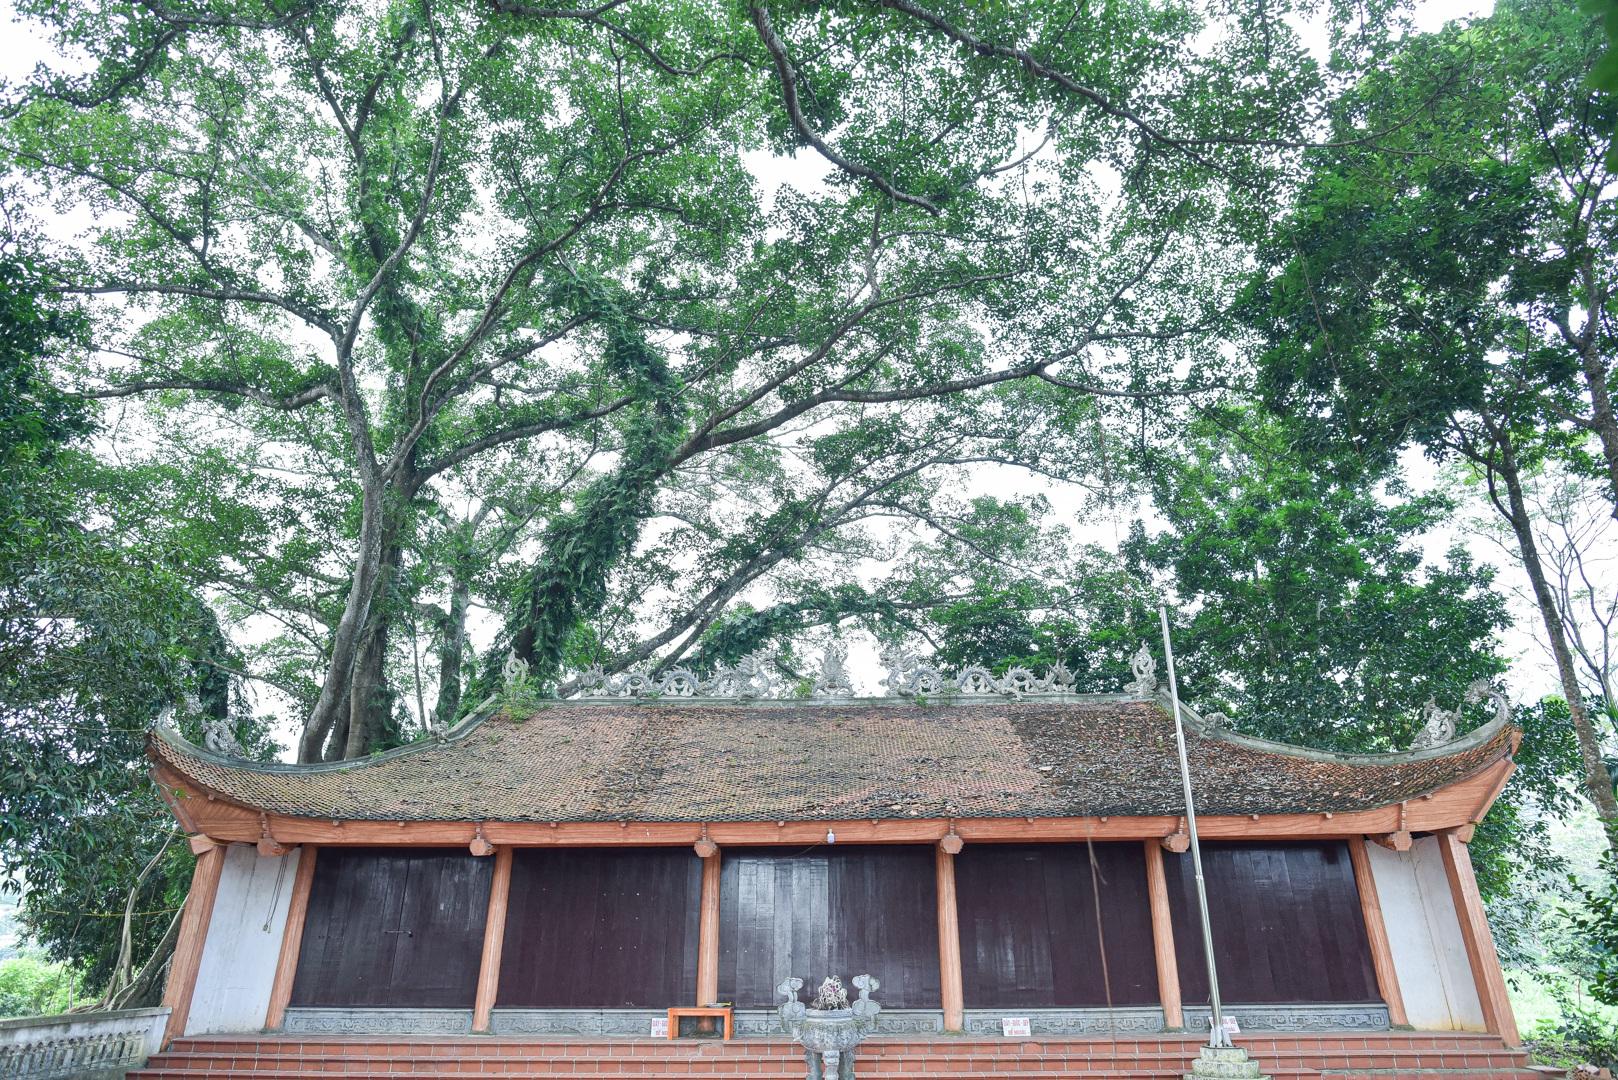 Báu vật đa cổ nghìn năm tuổi độc nhất vô nhị bên ngôi đền thiêng ở Hà Nội - 6